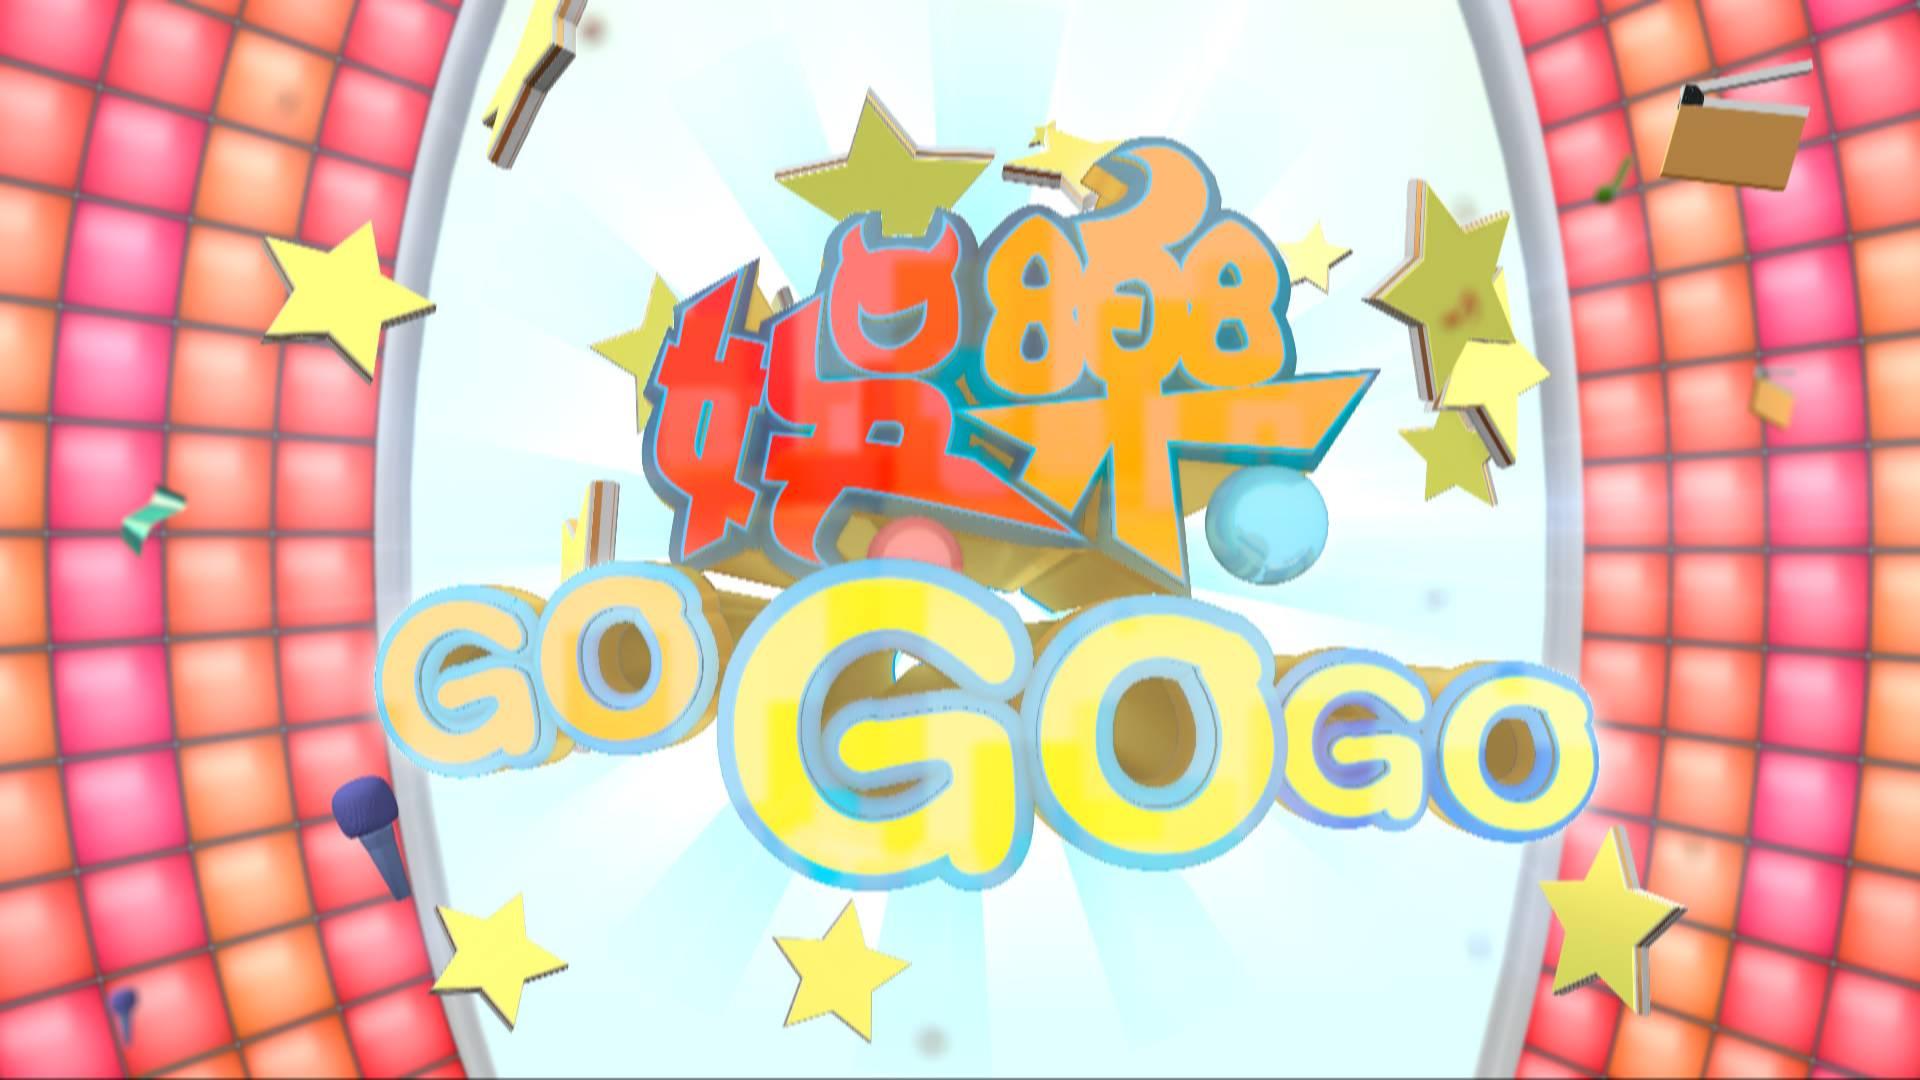 娱乐资讯_香港卫视《娱乐gogogo》今日18:30首播 敬请关注